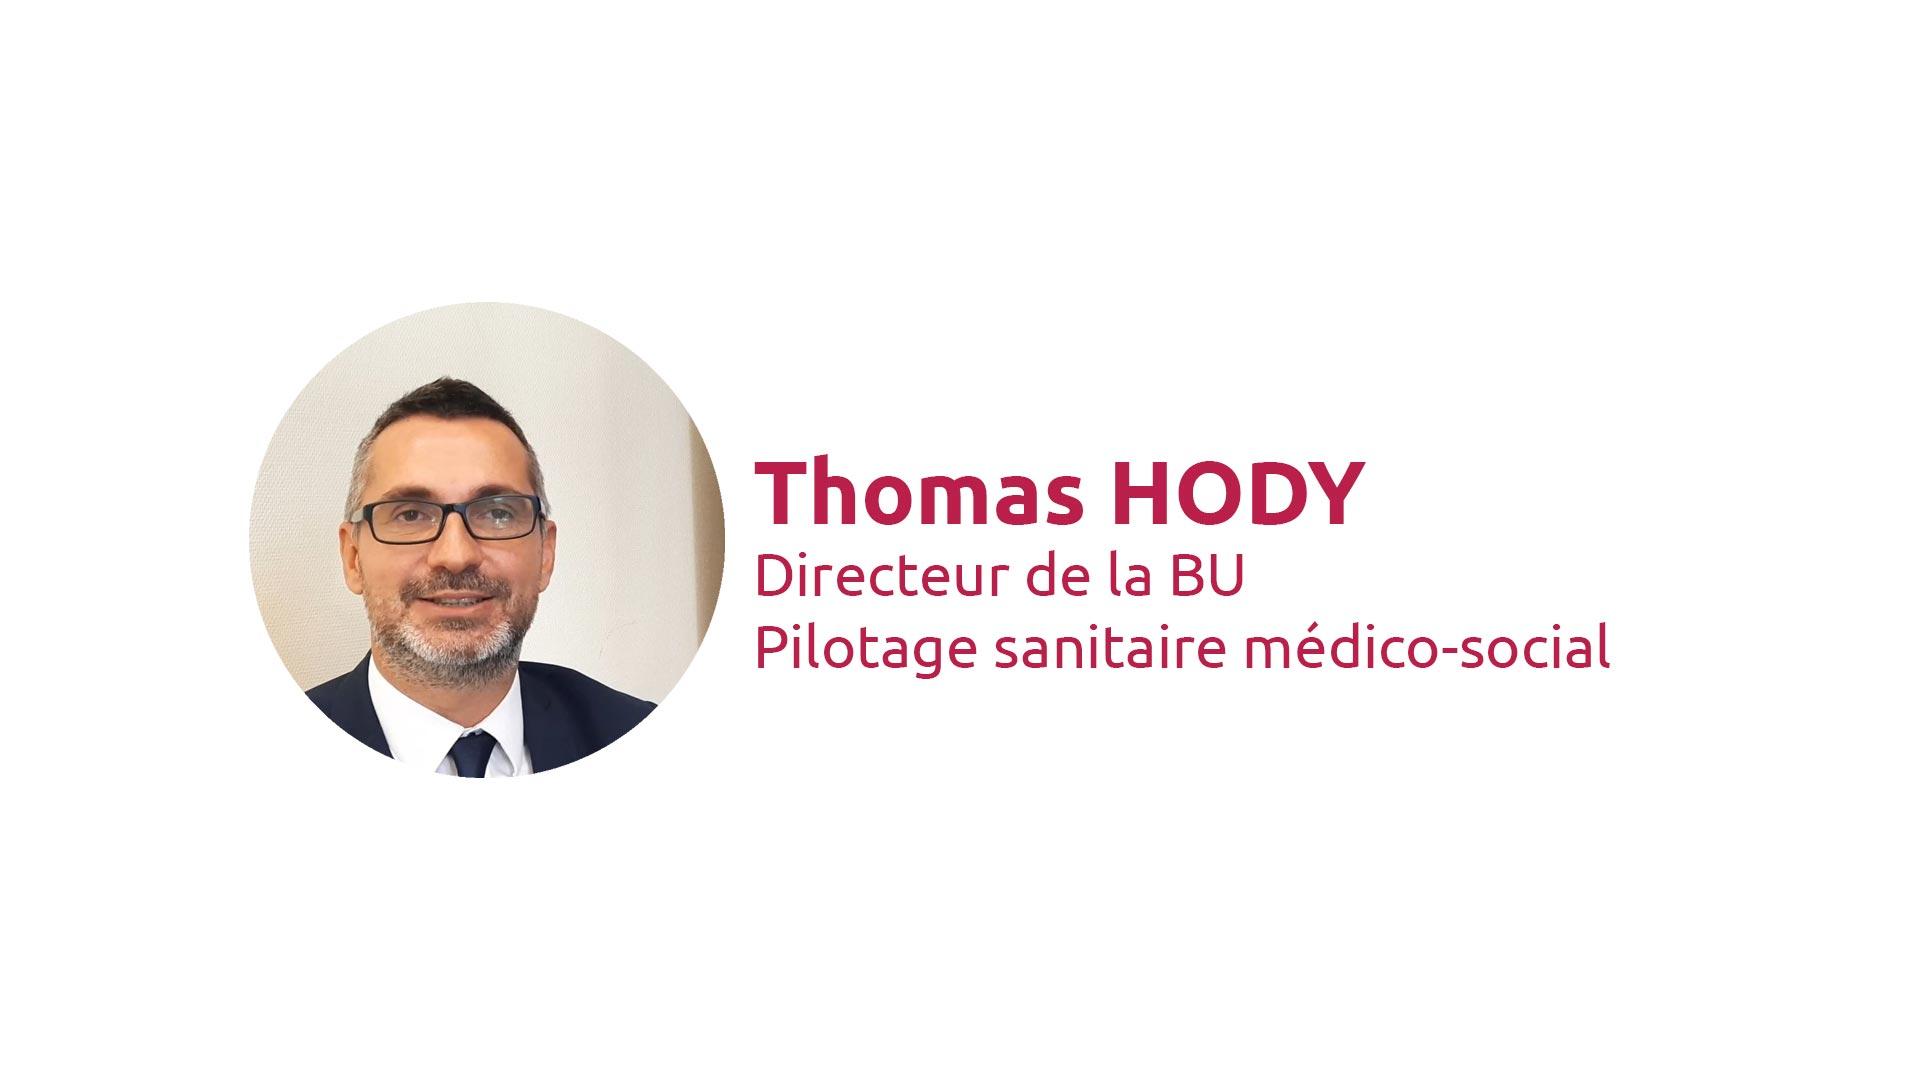 Thomas-hody